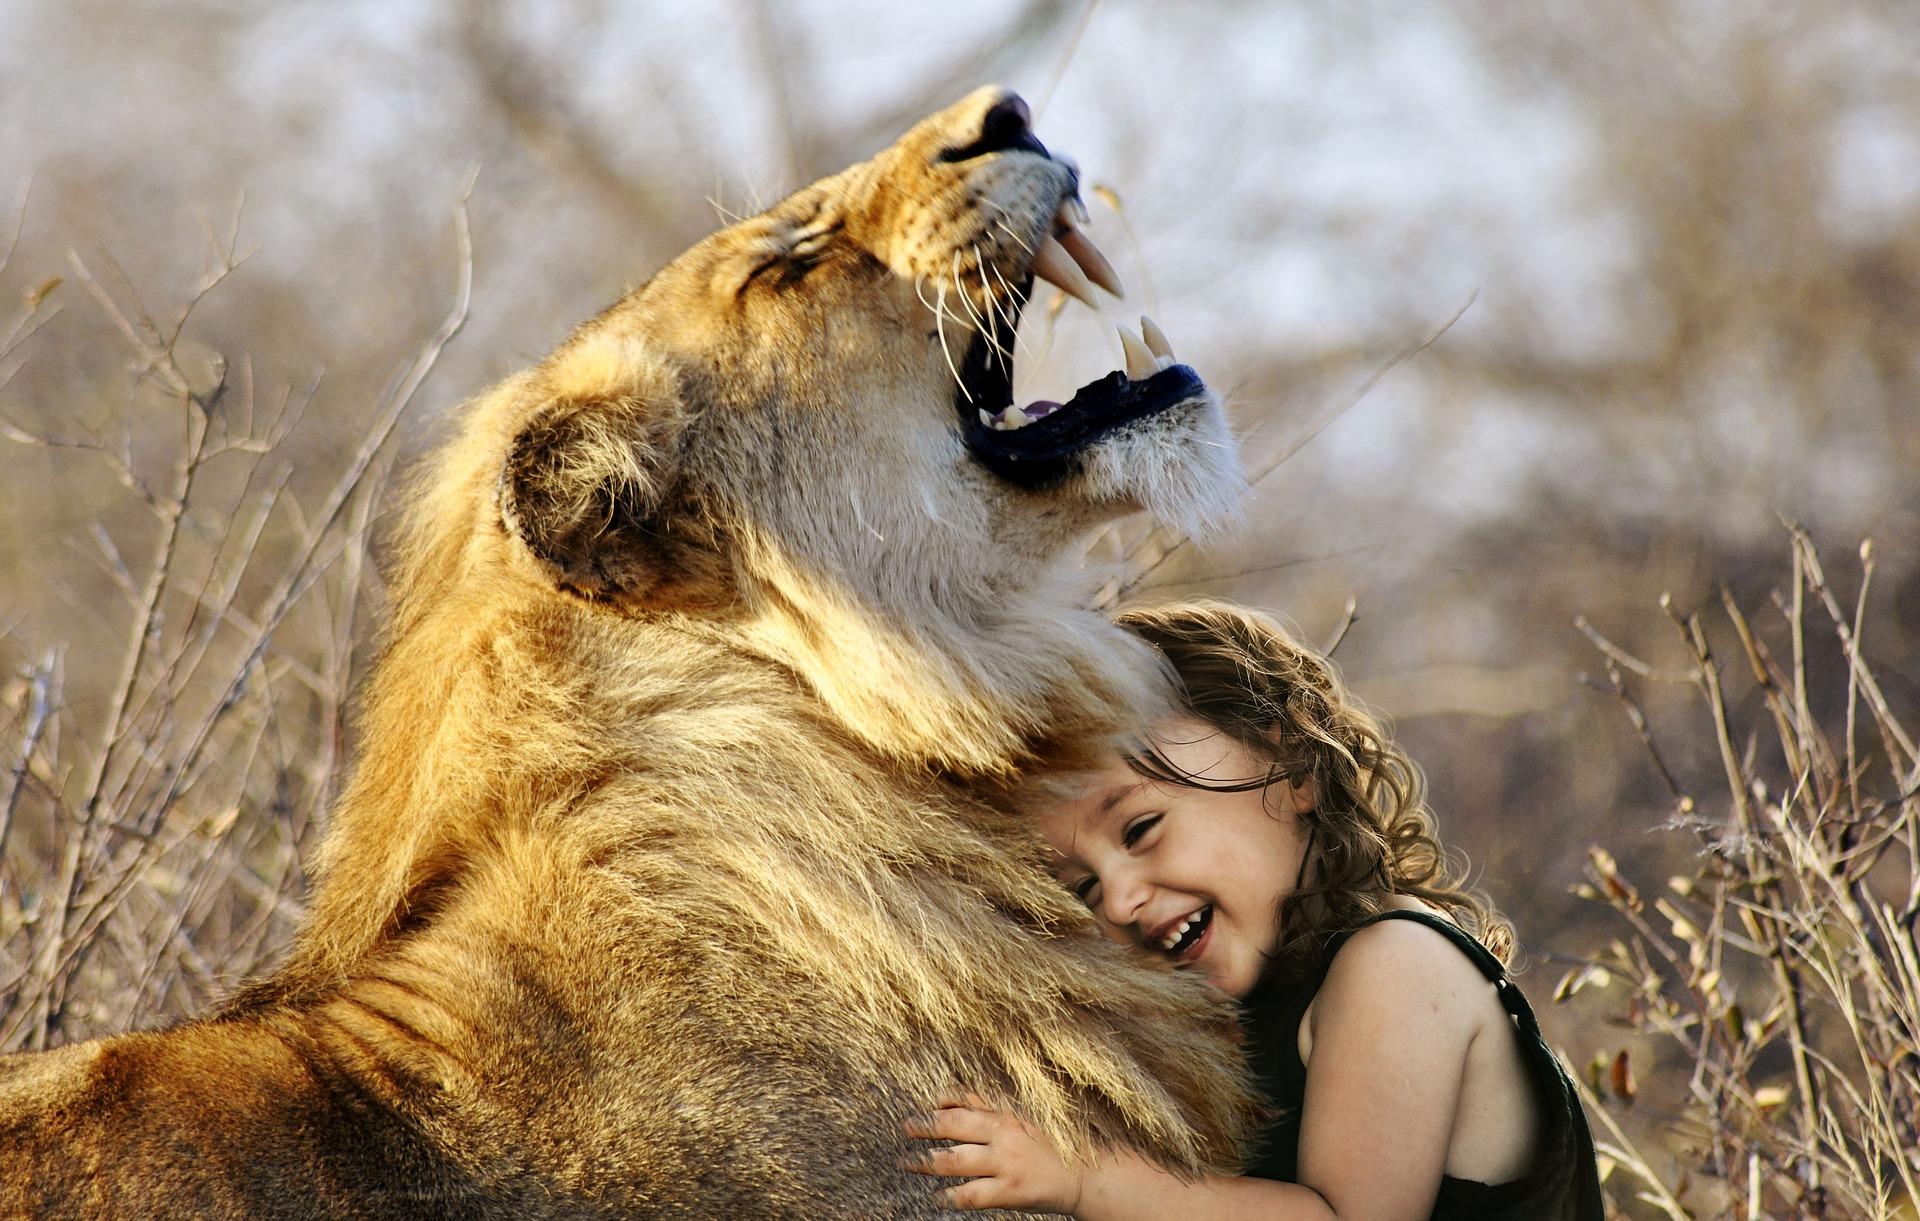 fiica cu incredere de sine - sfatulparintilor.ro - pixabay_com - lion-3012515_1920